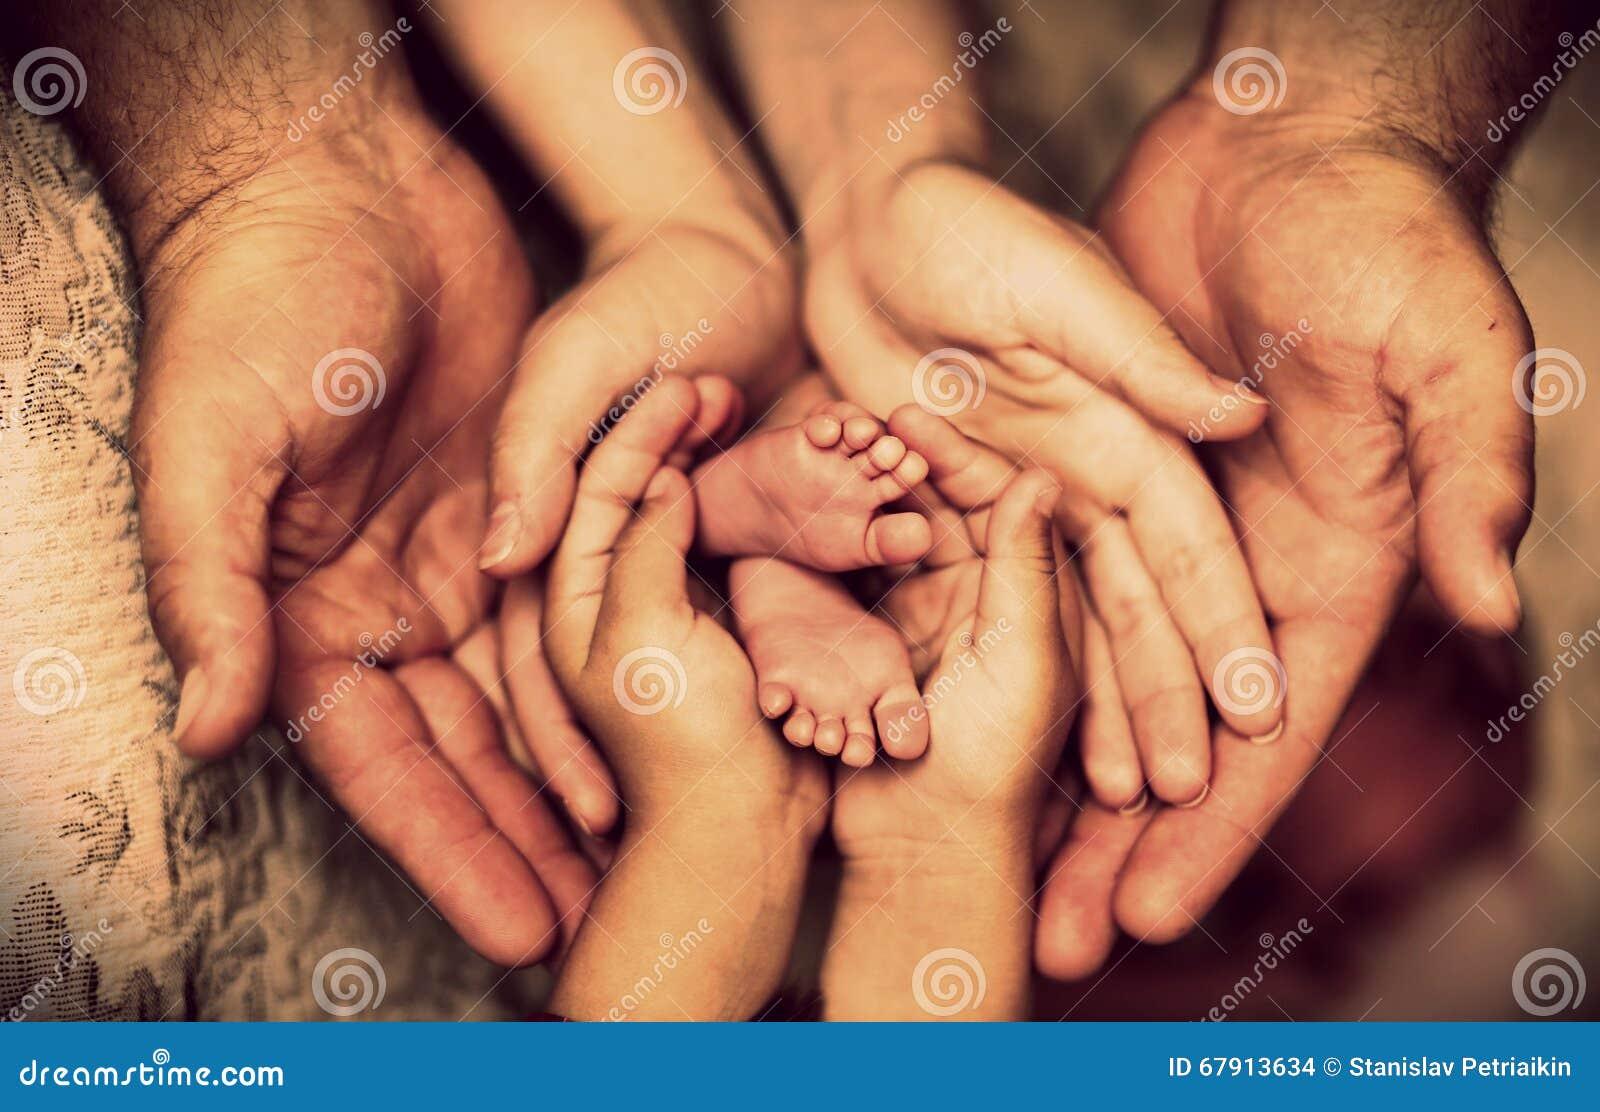 Las manos del padre, madre, hija guardan al pequeño bebé de los pies Familia feliz amistosa